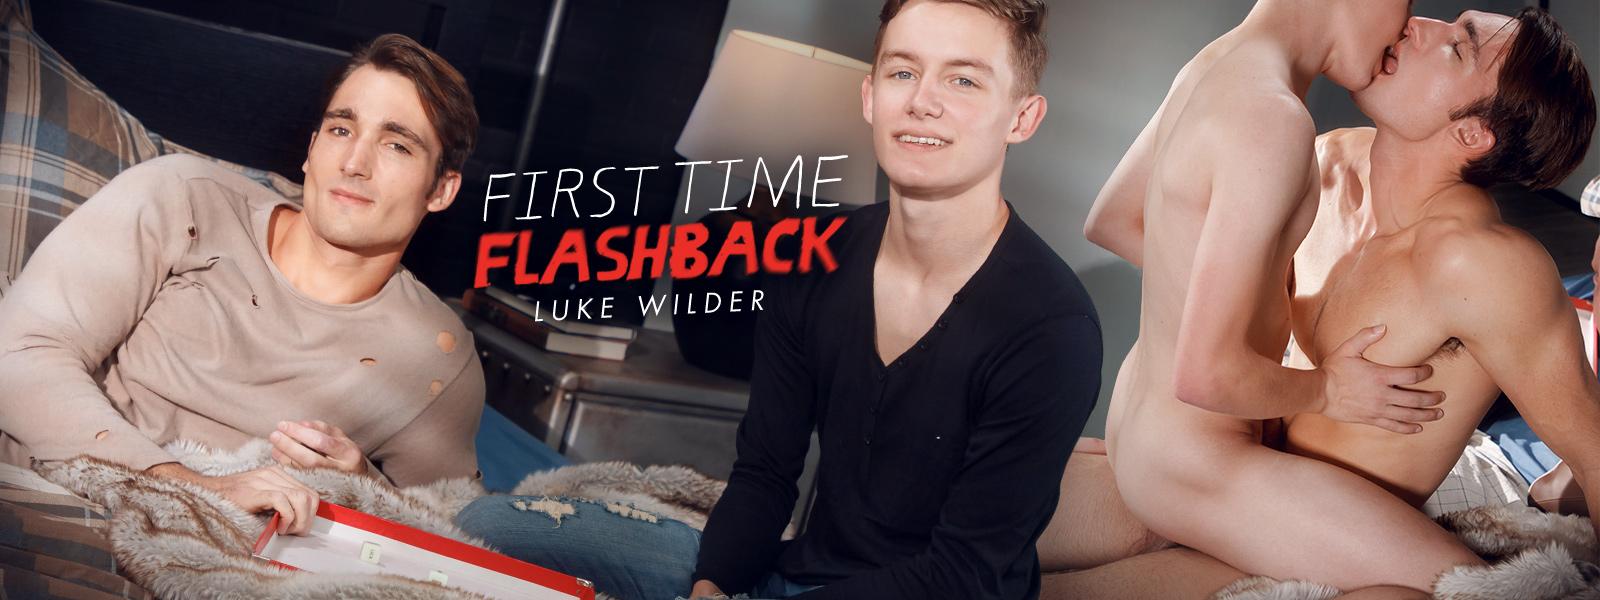 First Time Flashback: Luke Wilder